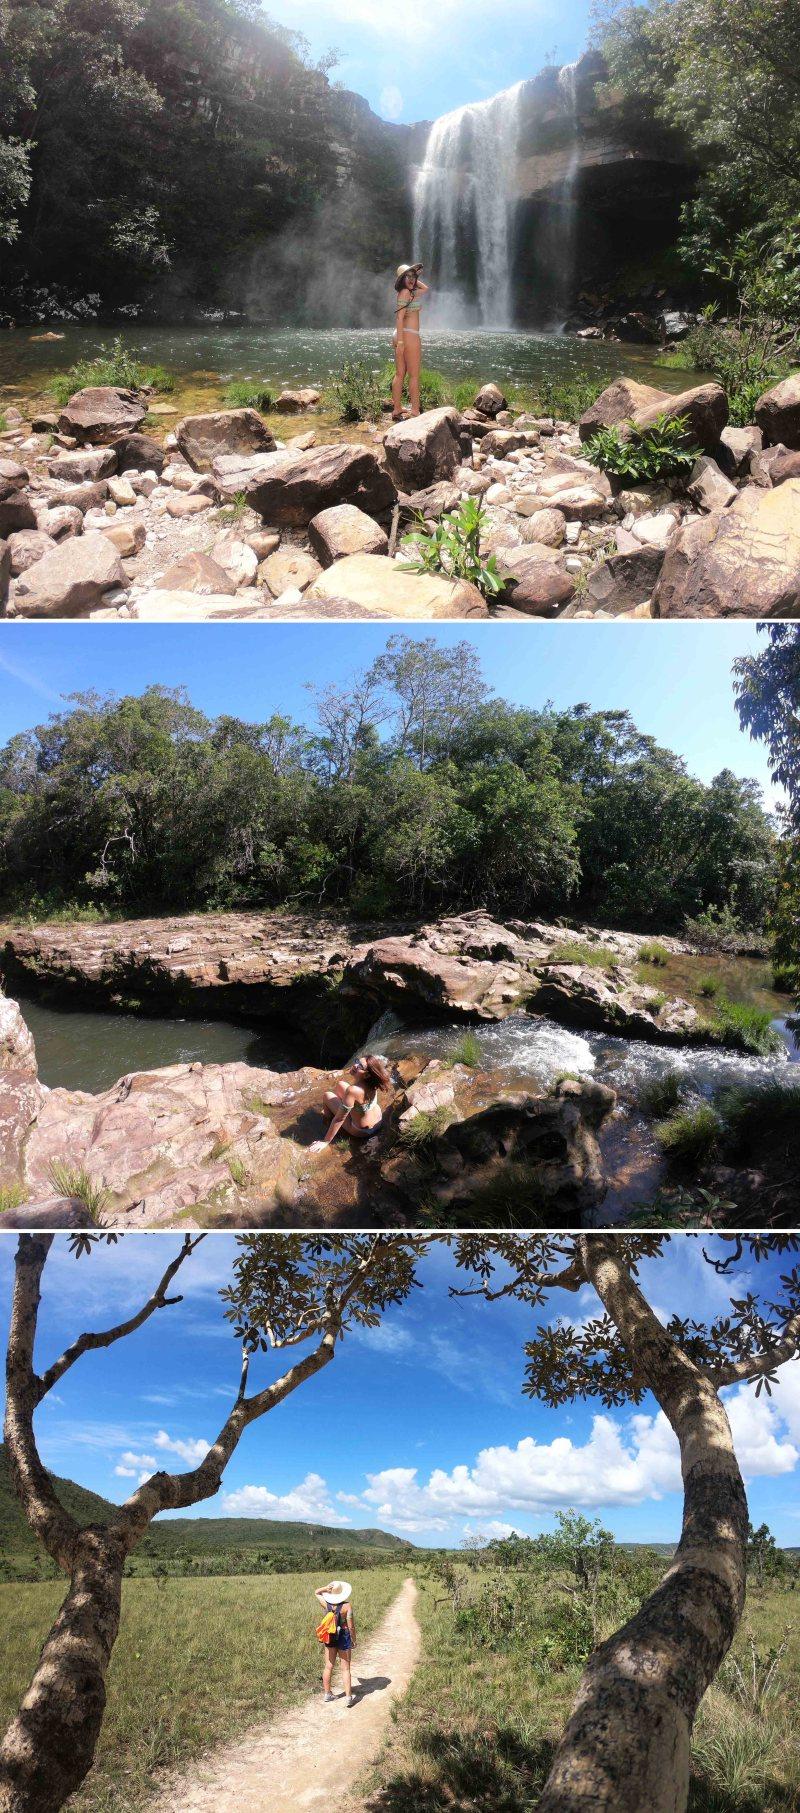 Cachoeira do Clodovil